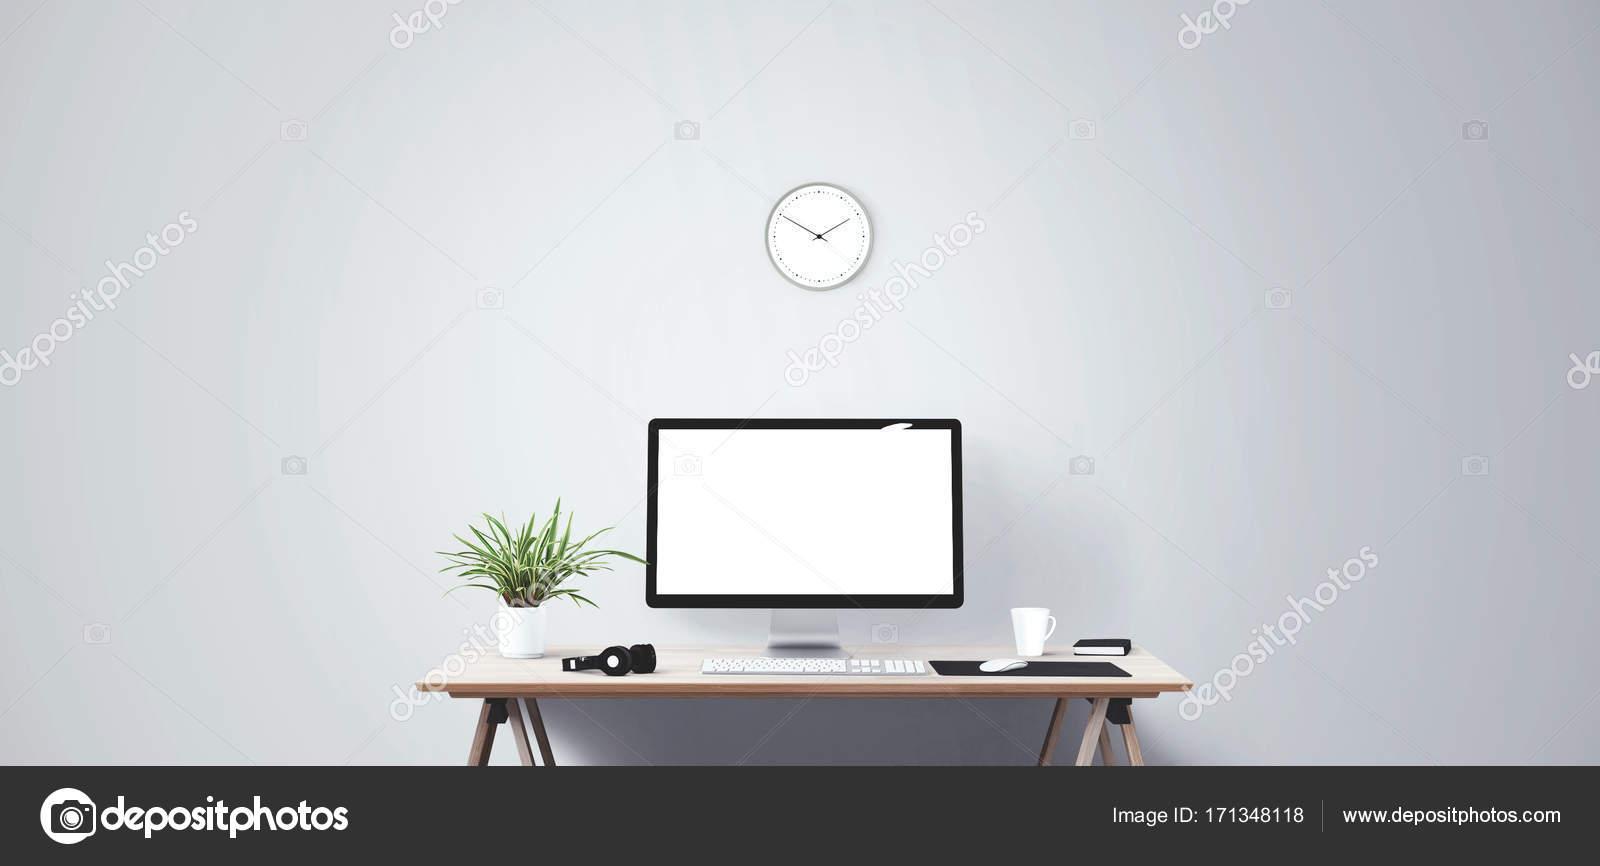 Hintergrund, Banner, Buch, Geschäft, Uhr, Computer, Creative, Tasse ...